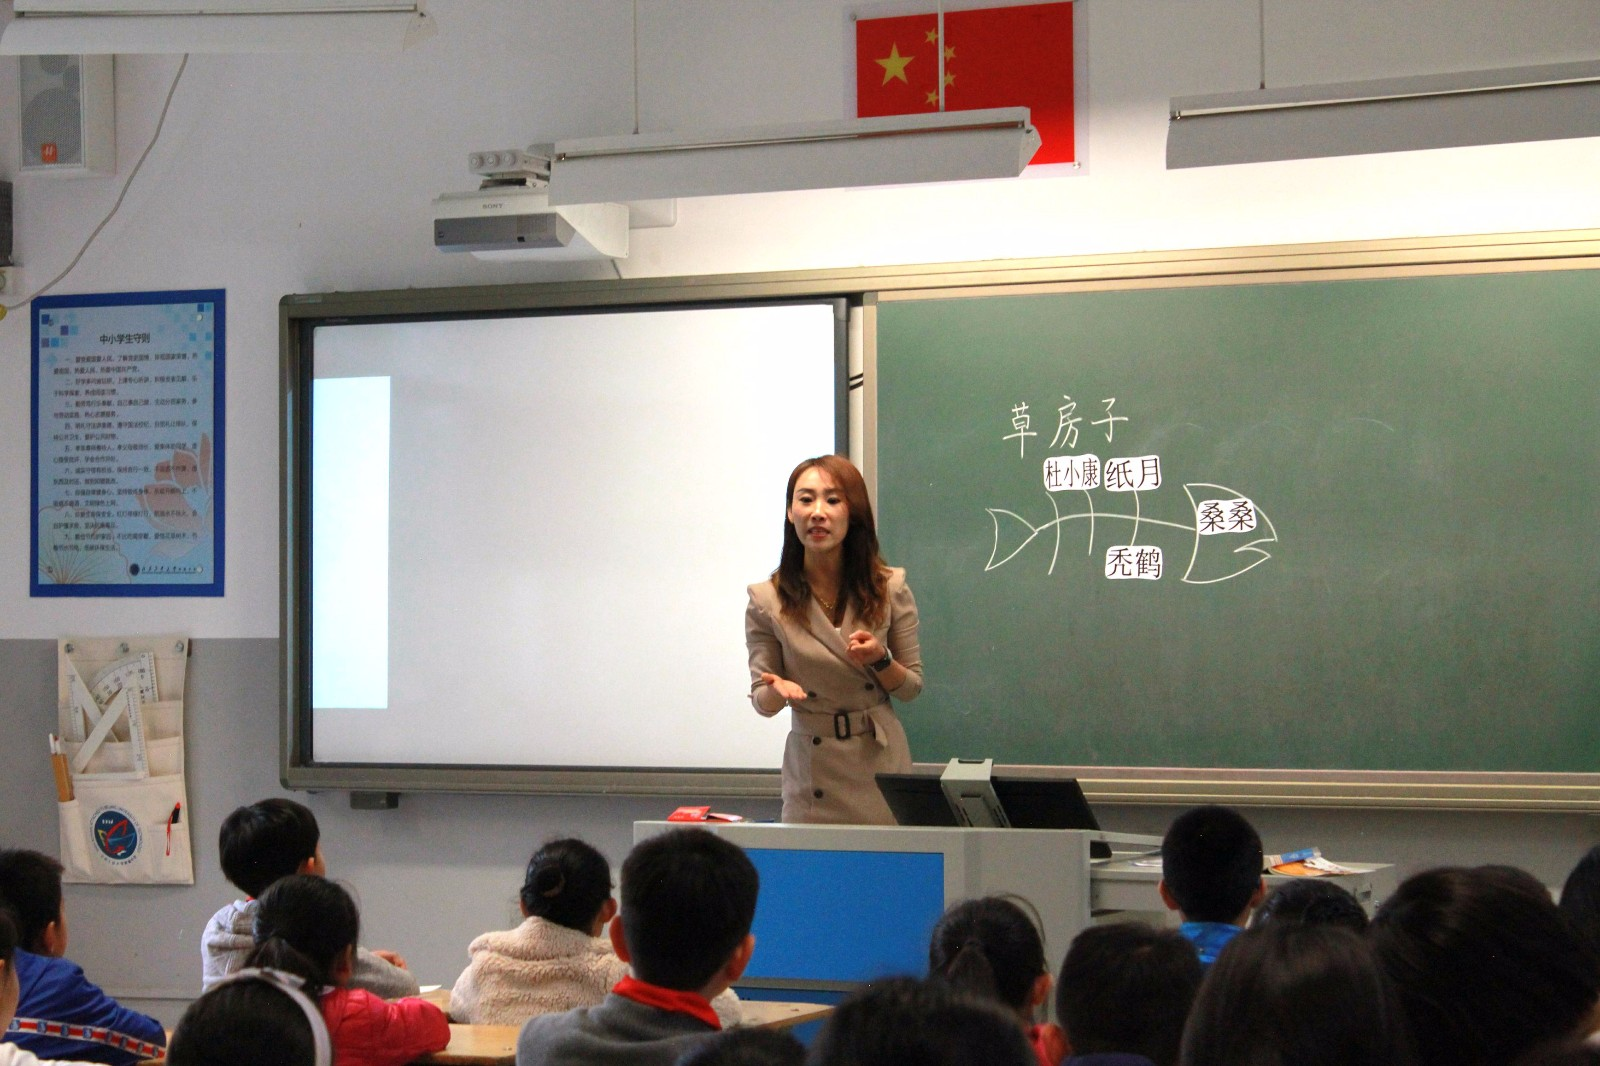 代小蕾老师在上课.jpg